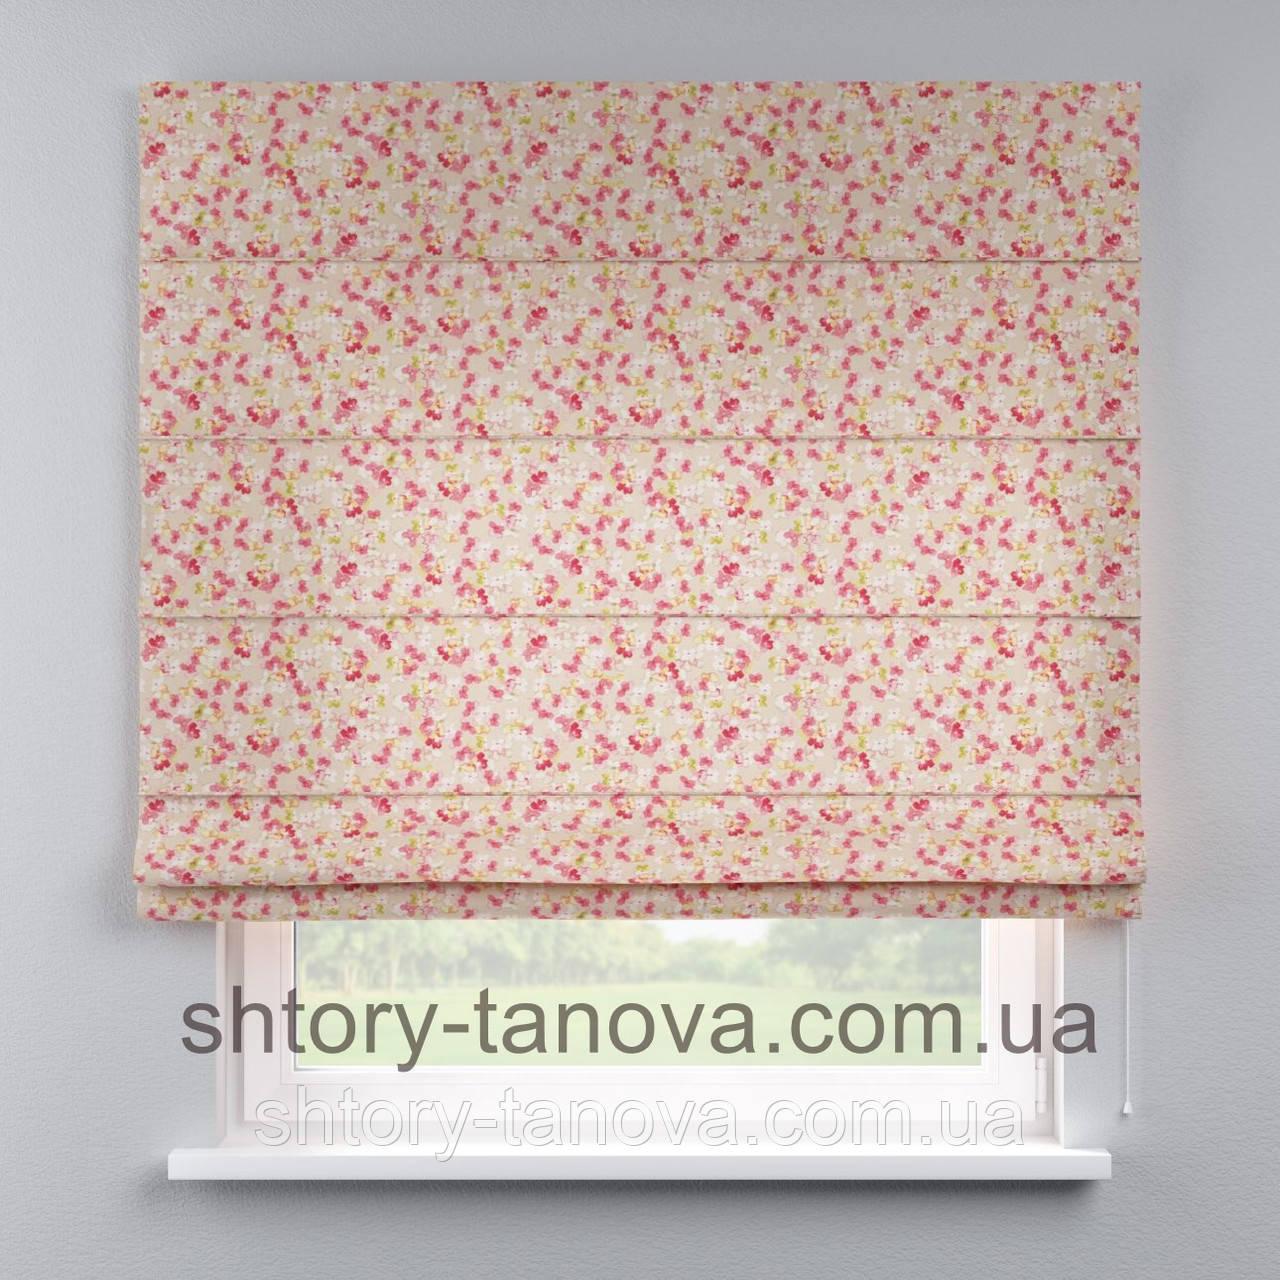 Римская штора с цветочным принтом, мелкие цветочки 160x170 см